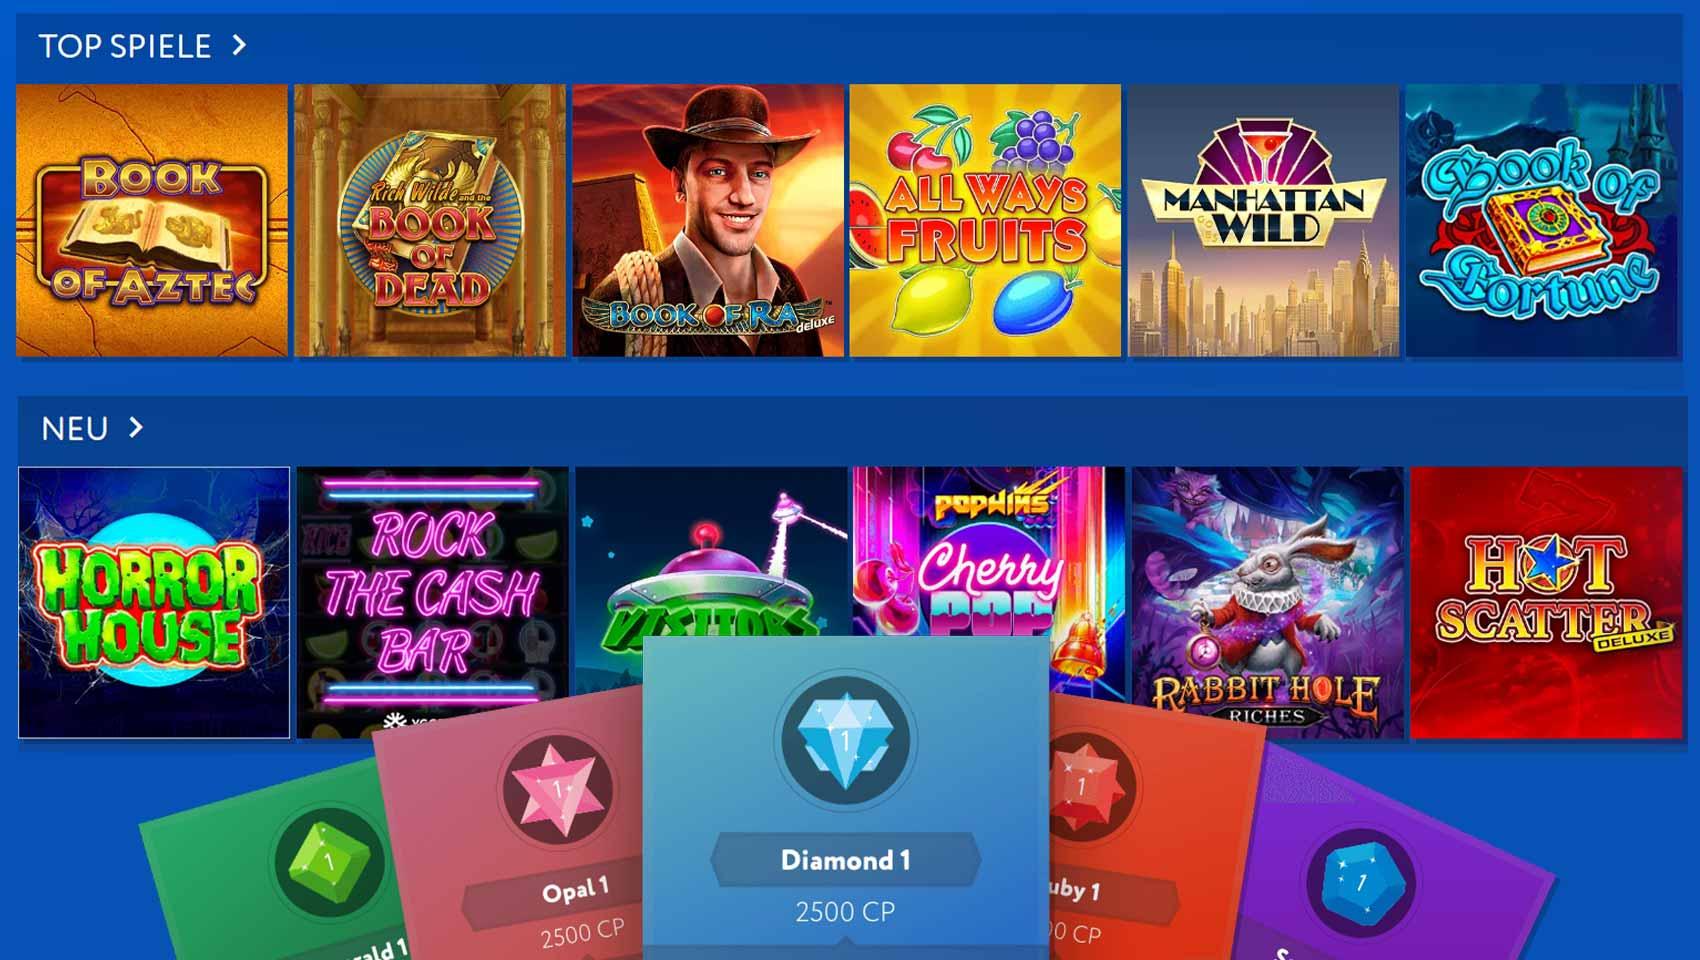 Grand mondial casino mobile